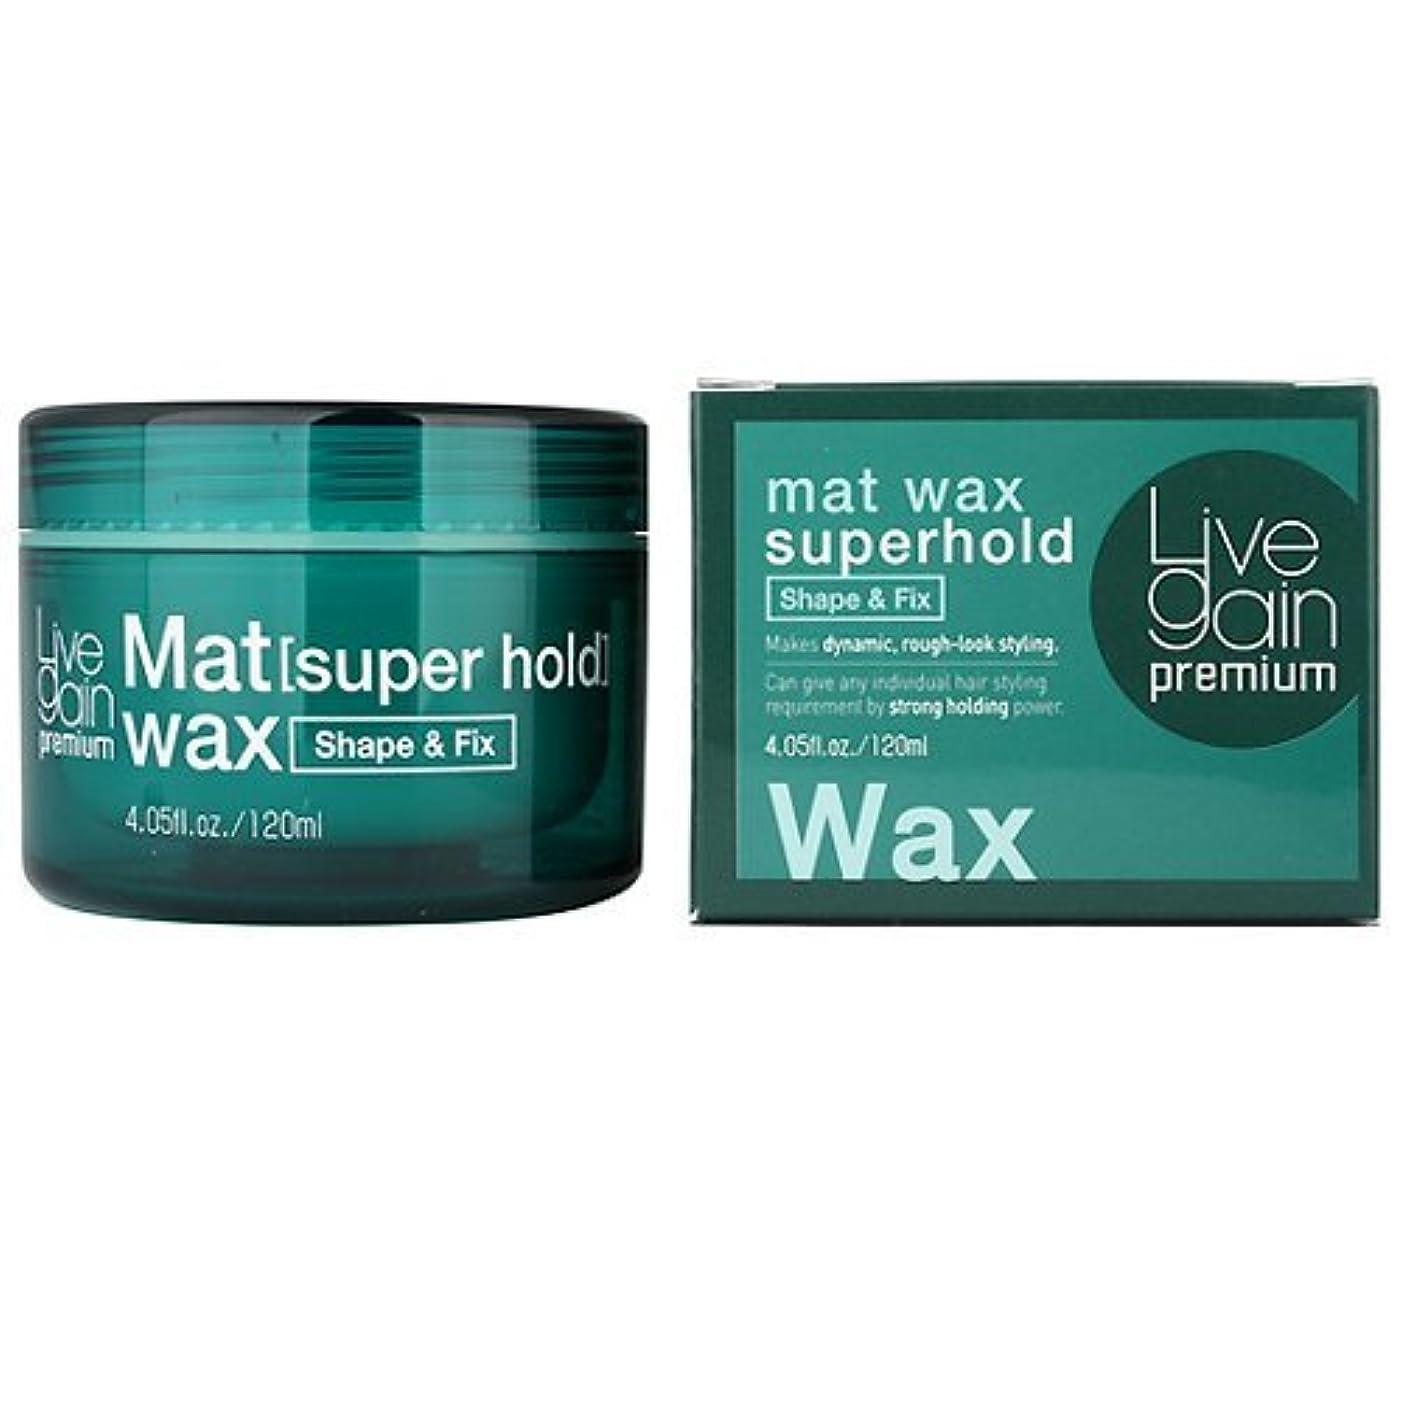 ペルソナ民間くつろぐLivegain プレミアム マット ワックス スーパーホールド 120ml マット ヘア ワックス ストロング ホールド (Premium Mat Wax Superhold 120ml Matte Hair wax...